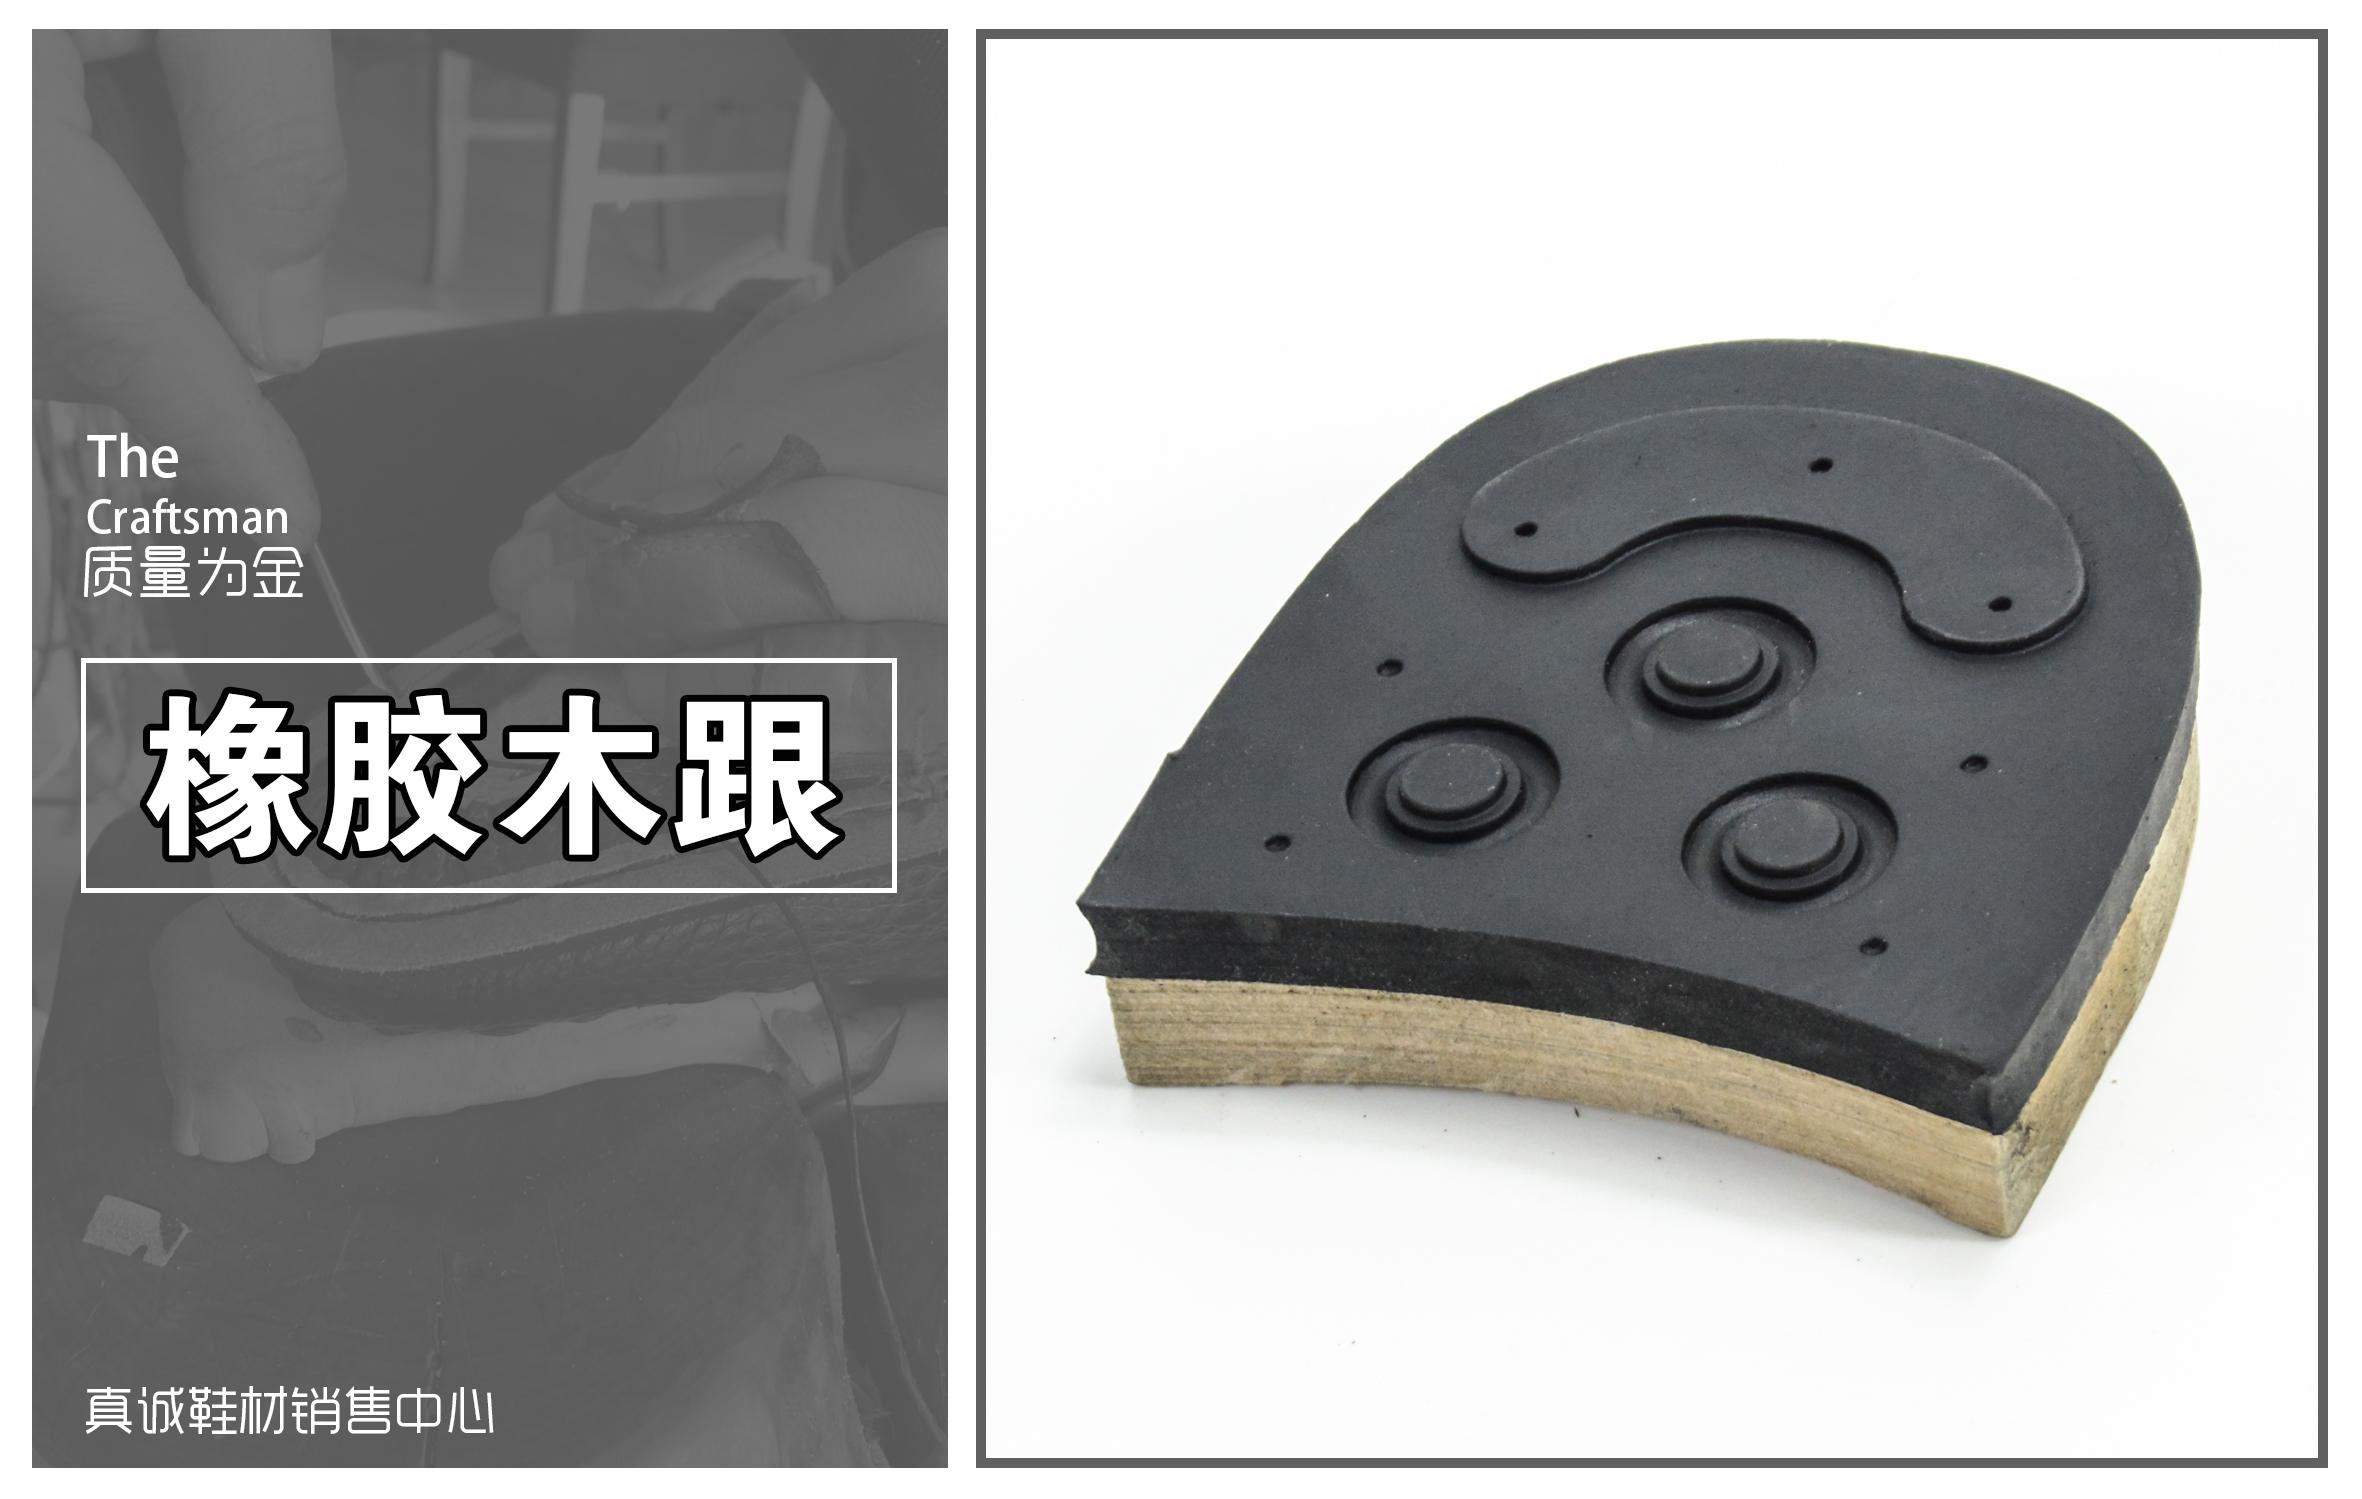 木跟牛皮后跟固特异后跟胶粘鞋鞋跟半皮跟橡胶耐磨鞋跟修鞋换跟